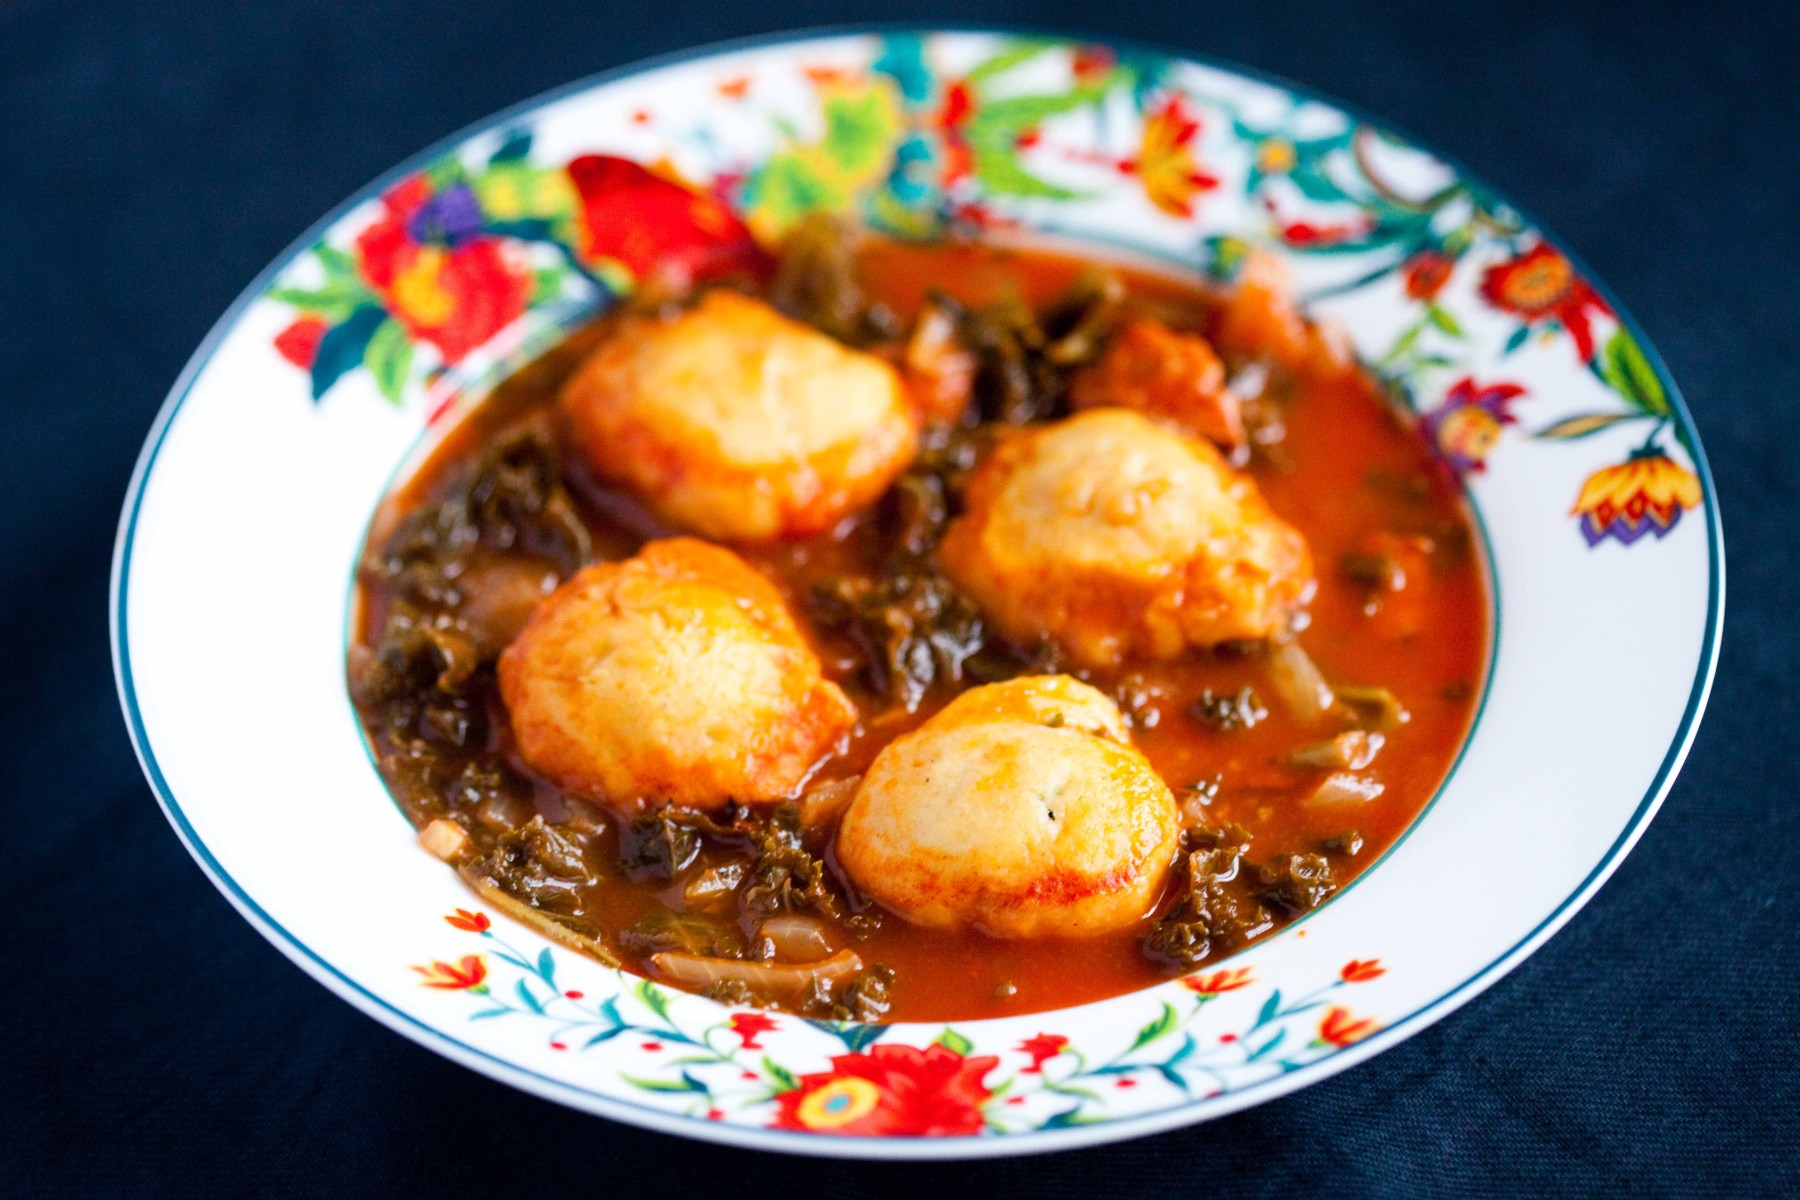 pomidorowa-zupa-z-jarmuzem-kielbasa-kluskami